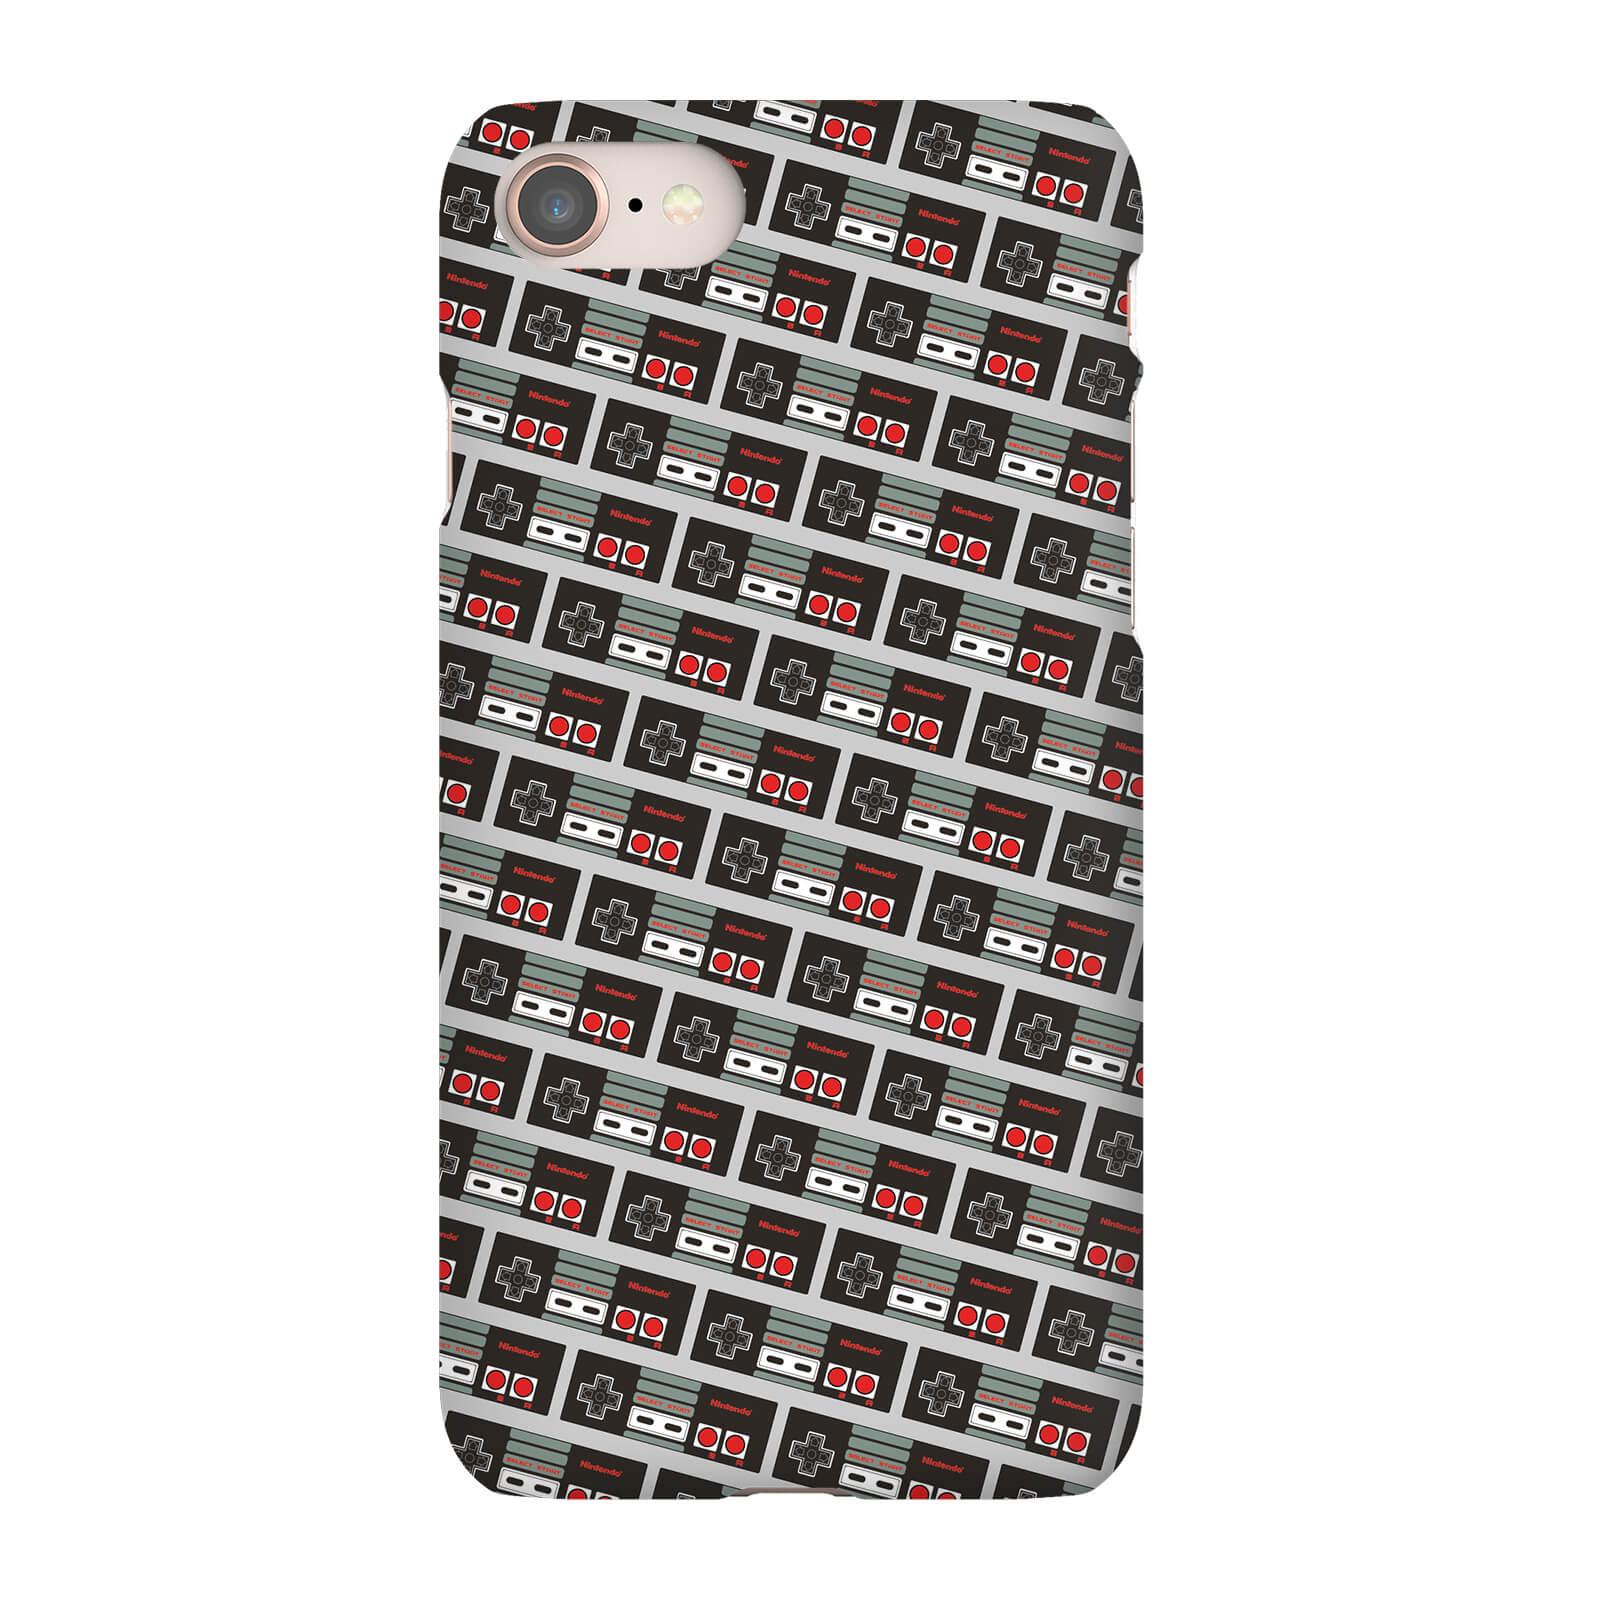 OfferteWeb.click 32-cover-telefono-nintendo-nes-controller-pattern-per-iphone-e